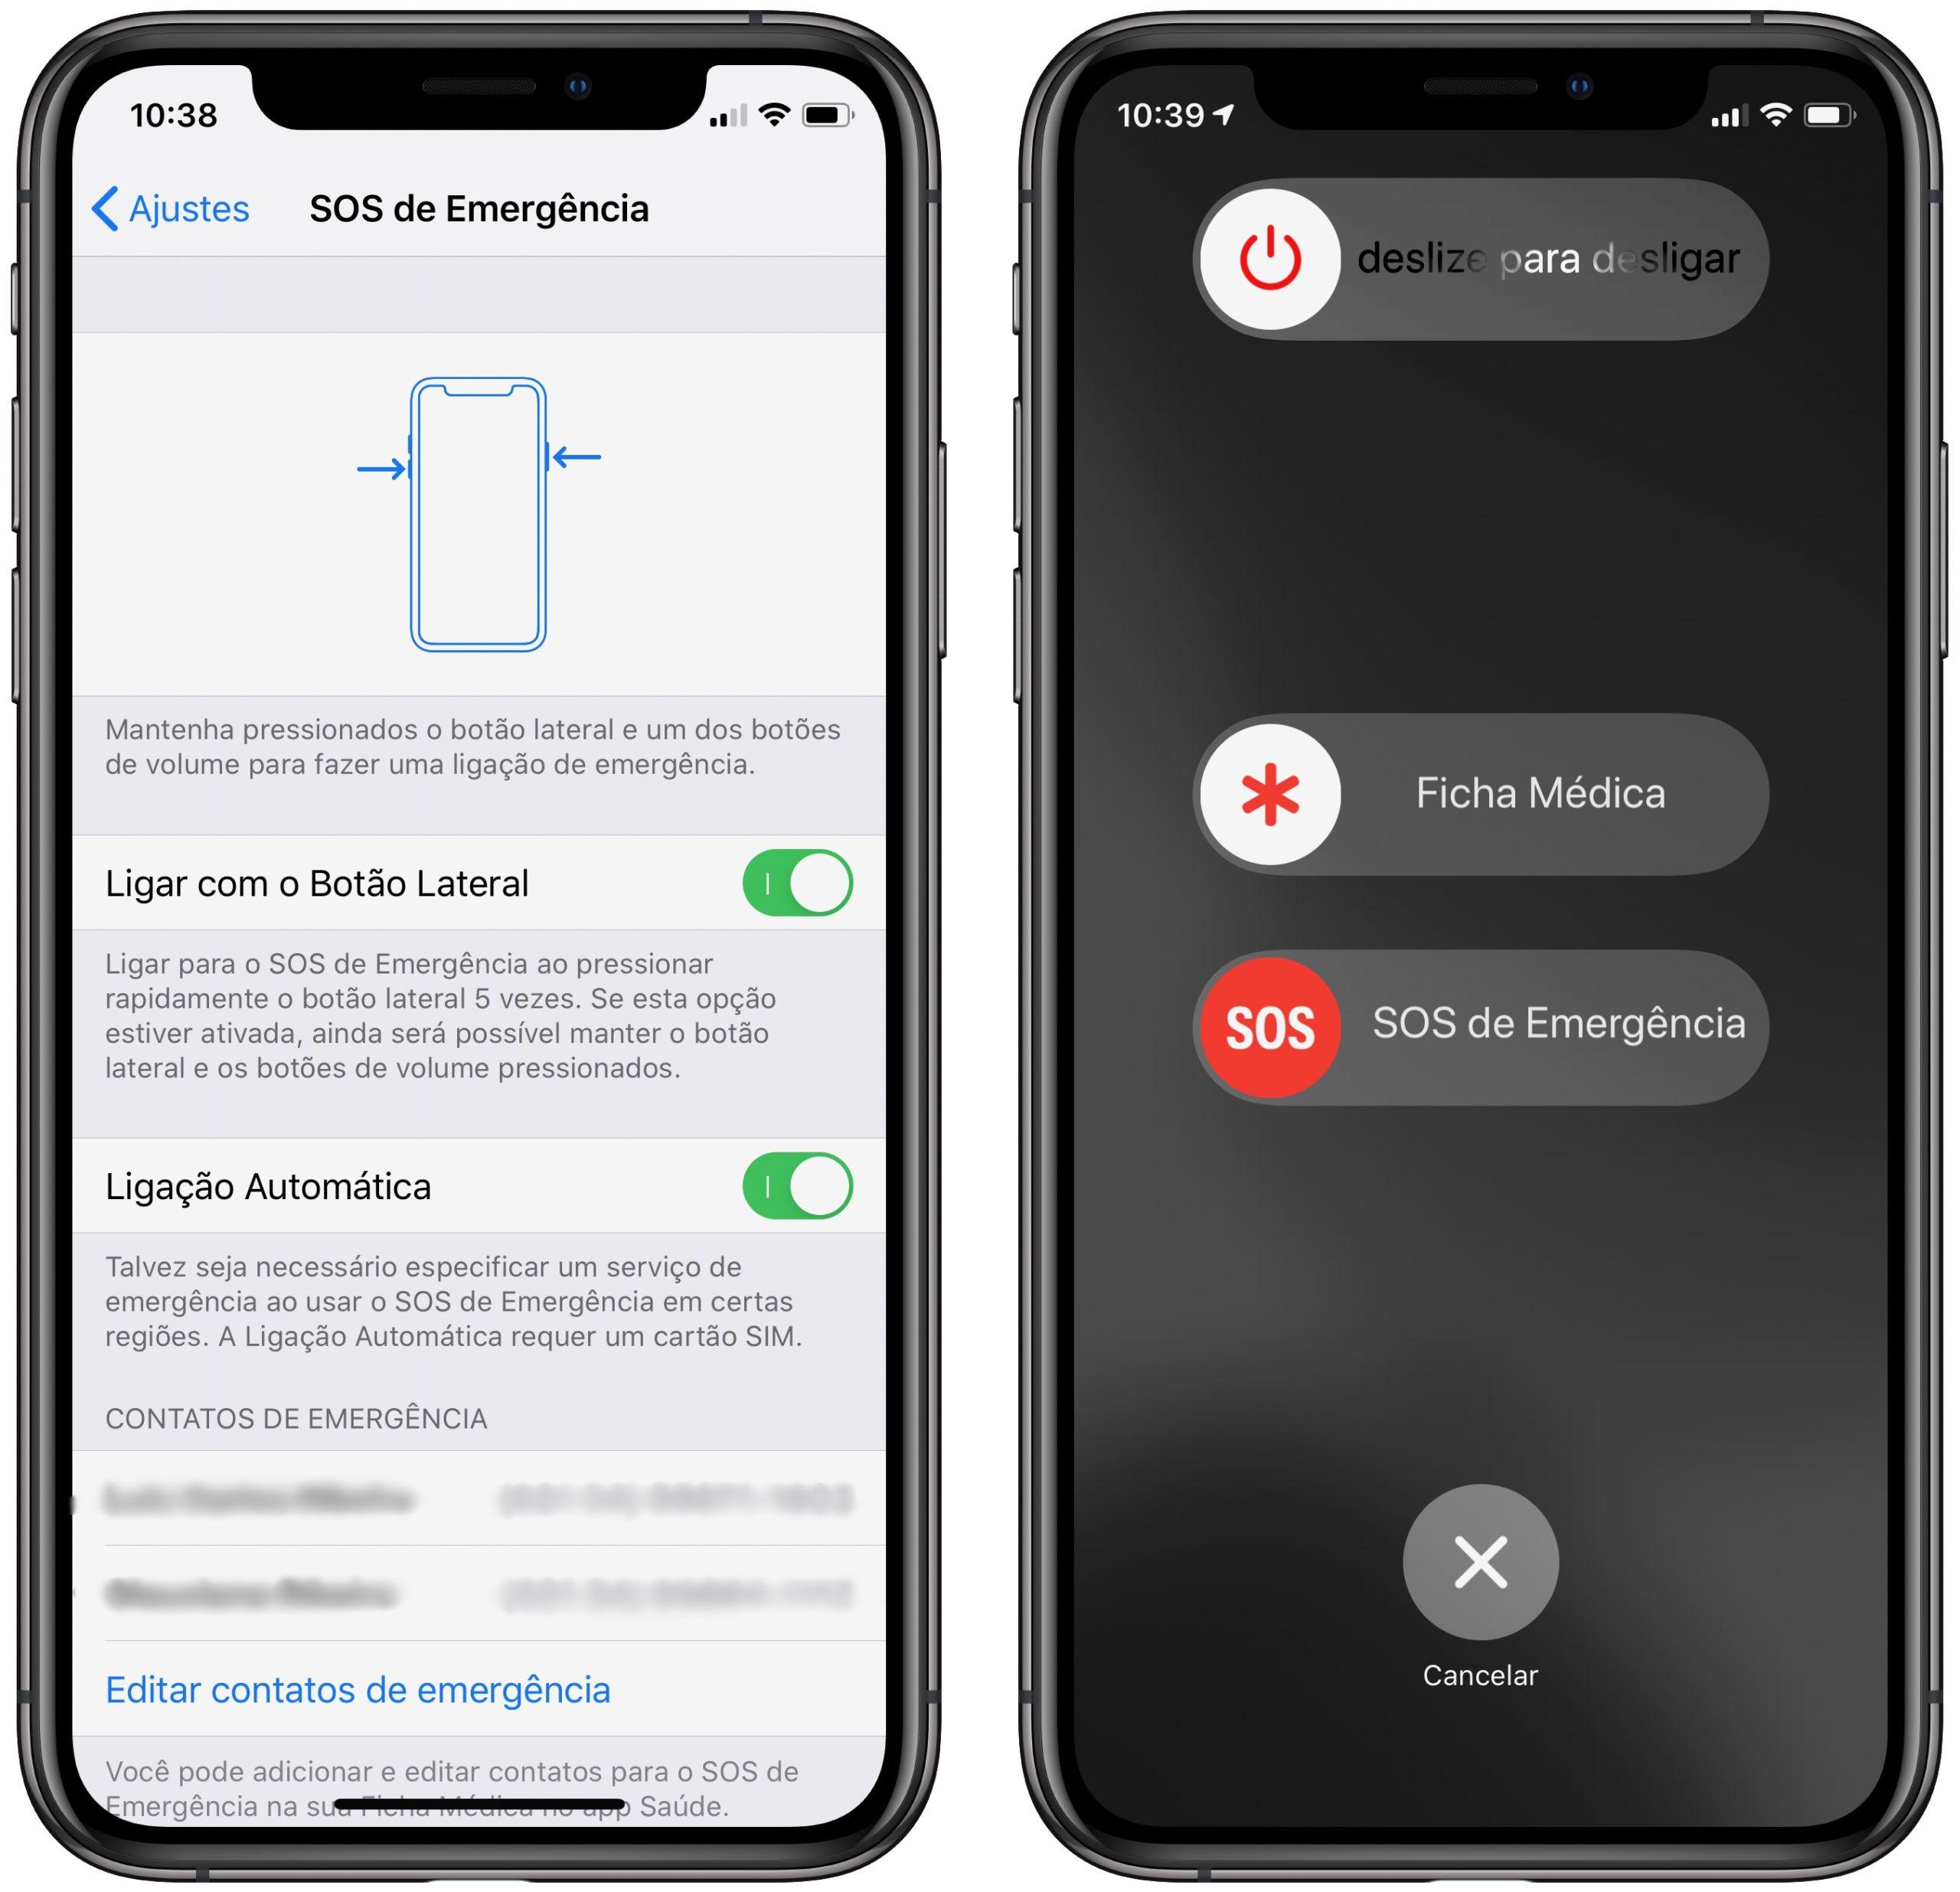 SOS de Emergência no iPhone